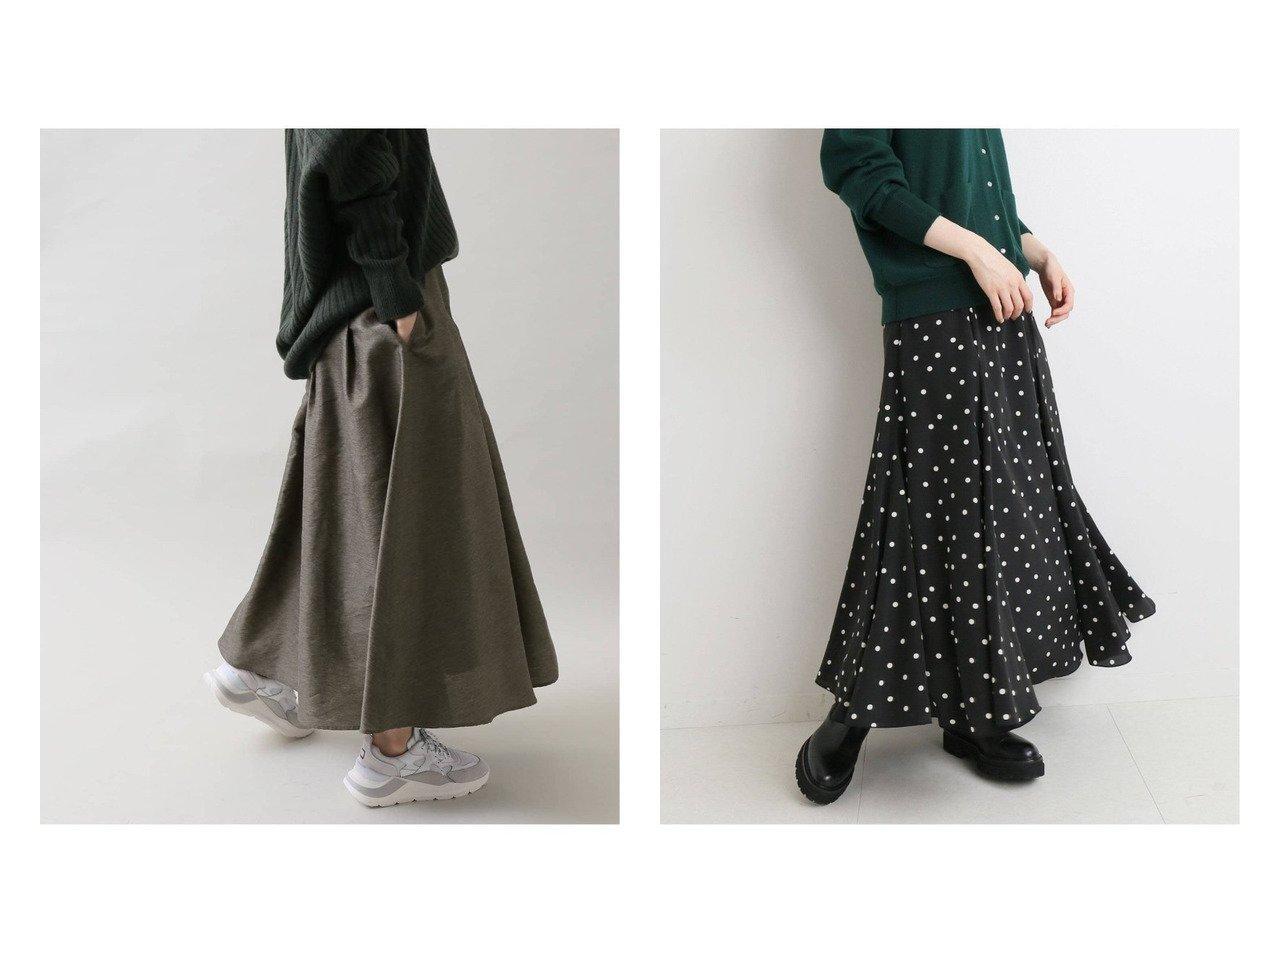 【IENA/イエナ】のドットパネルフレアスカート&デザインシャンタンギャザーフレアスカート 【スカート】おすすめ!人気、トレンド・レディースファッションの通販 おすすめで人気の流行・トレンド、ファッションの通販商品 インテリア・家具・メンズファッション・キッズファッション・レディースファッション・服の通販 founy(ファニー) https://founy.com/ ファッション Fashion レディースファッション WOMEN スカート Skirt Aライン/フレアスカート Flared A-Line Skirts ロングスカート Long Skirt カットソー シンプル スニーカー とろみ ドット バランス パターン フレア プリント マーメイド ロング A/W・秋冬 AW・Autumn/Winter・FW・Fall-Winter 2021年 2021 2021-2022秋冬・A/W AW・Autumn/Winter・FW・Fall-Winter・2021-2022 NEW・新作・新着・新入荷 New Arrivals おすすめ Recommend イタリア エレガント ギャザー タイツ タフタ ミックス 人気 再入荷 Restock/Back in Stock/Re Arrival |ID:crp329100000070209